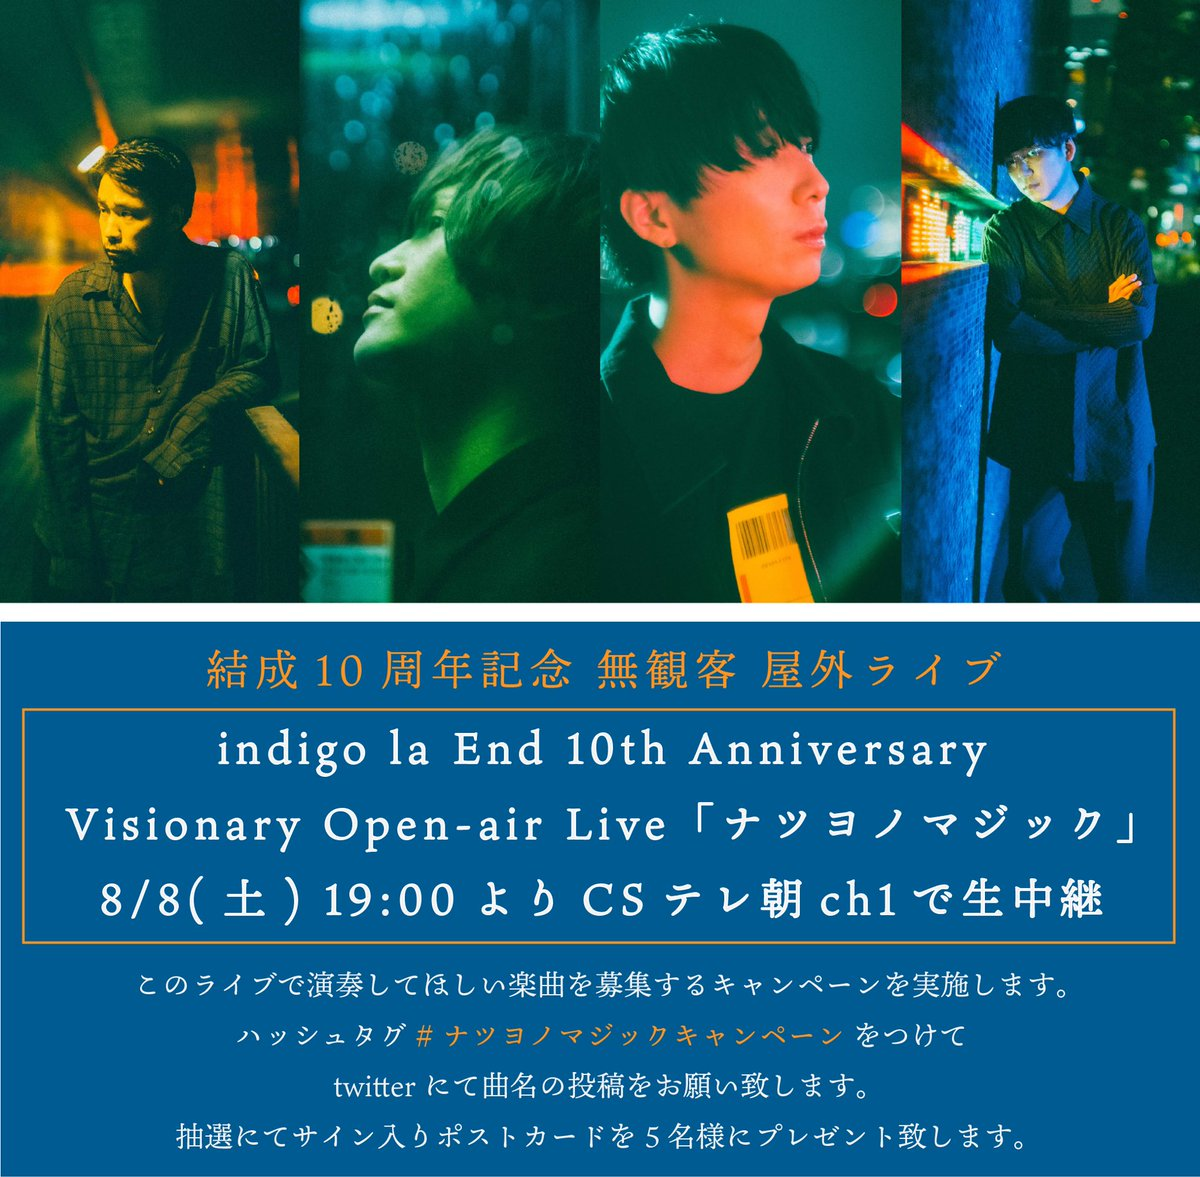 【屋外ライブ開催 & 生中継決定】indigo la End結成10周年を記念して、8/8(土)に無観客の生中継ライブ開催決定!!indigo la End 10th AnniversaryVisionary Open-air Live『ナツヨノマジック』8/8(土)19:00よりCSテレ朝ch1にて生中継!! 詳細はこちら↓